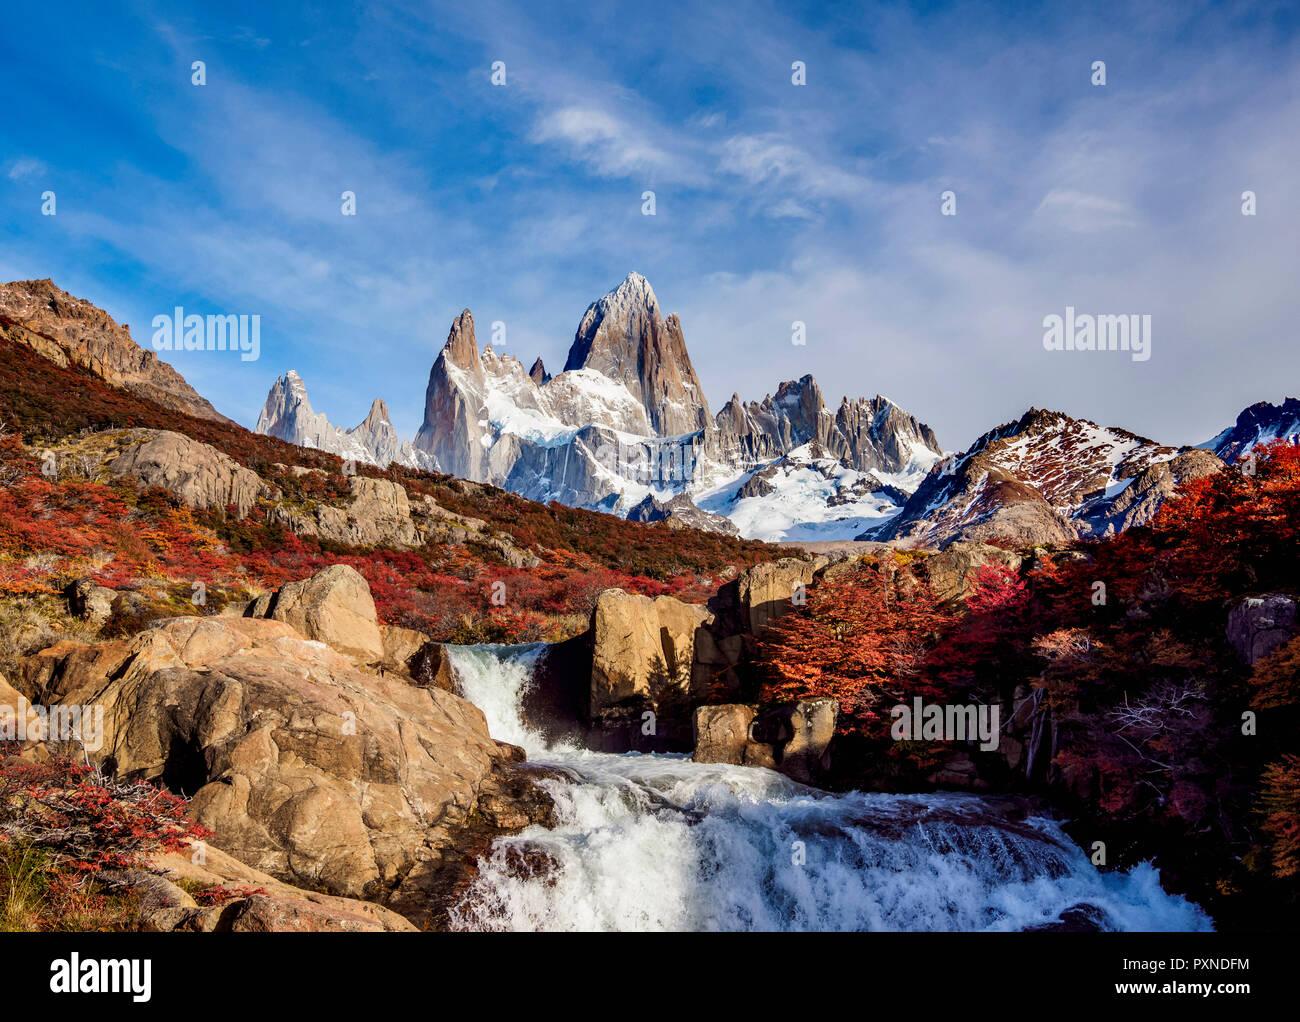 Le cascate della Arroyo del Salto e del Monte Fitz Roy, parco nazionale Los Glaciares, Santa Cruz Provincia, Patagonia, Argentina Immagini Stock